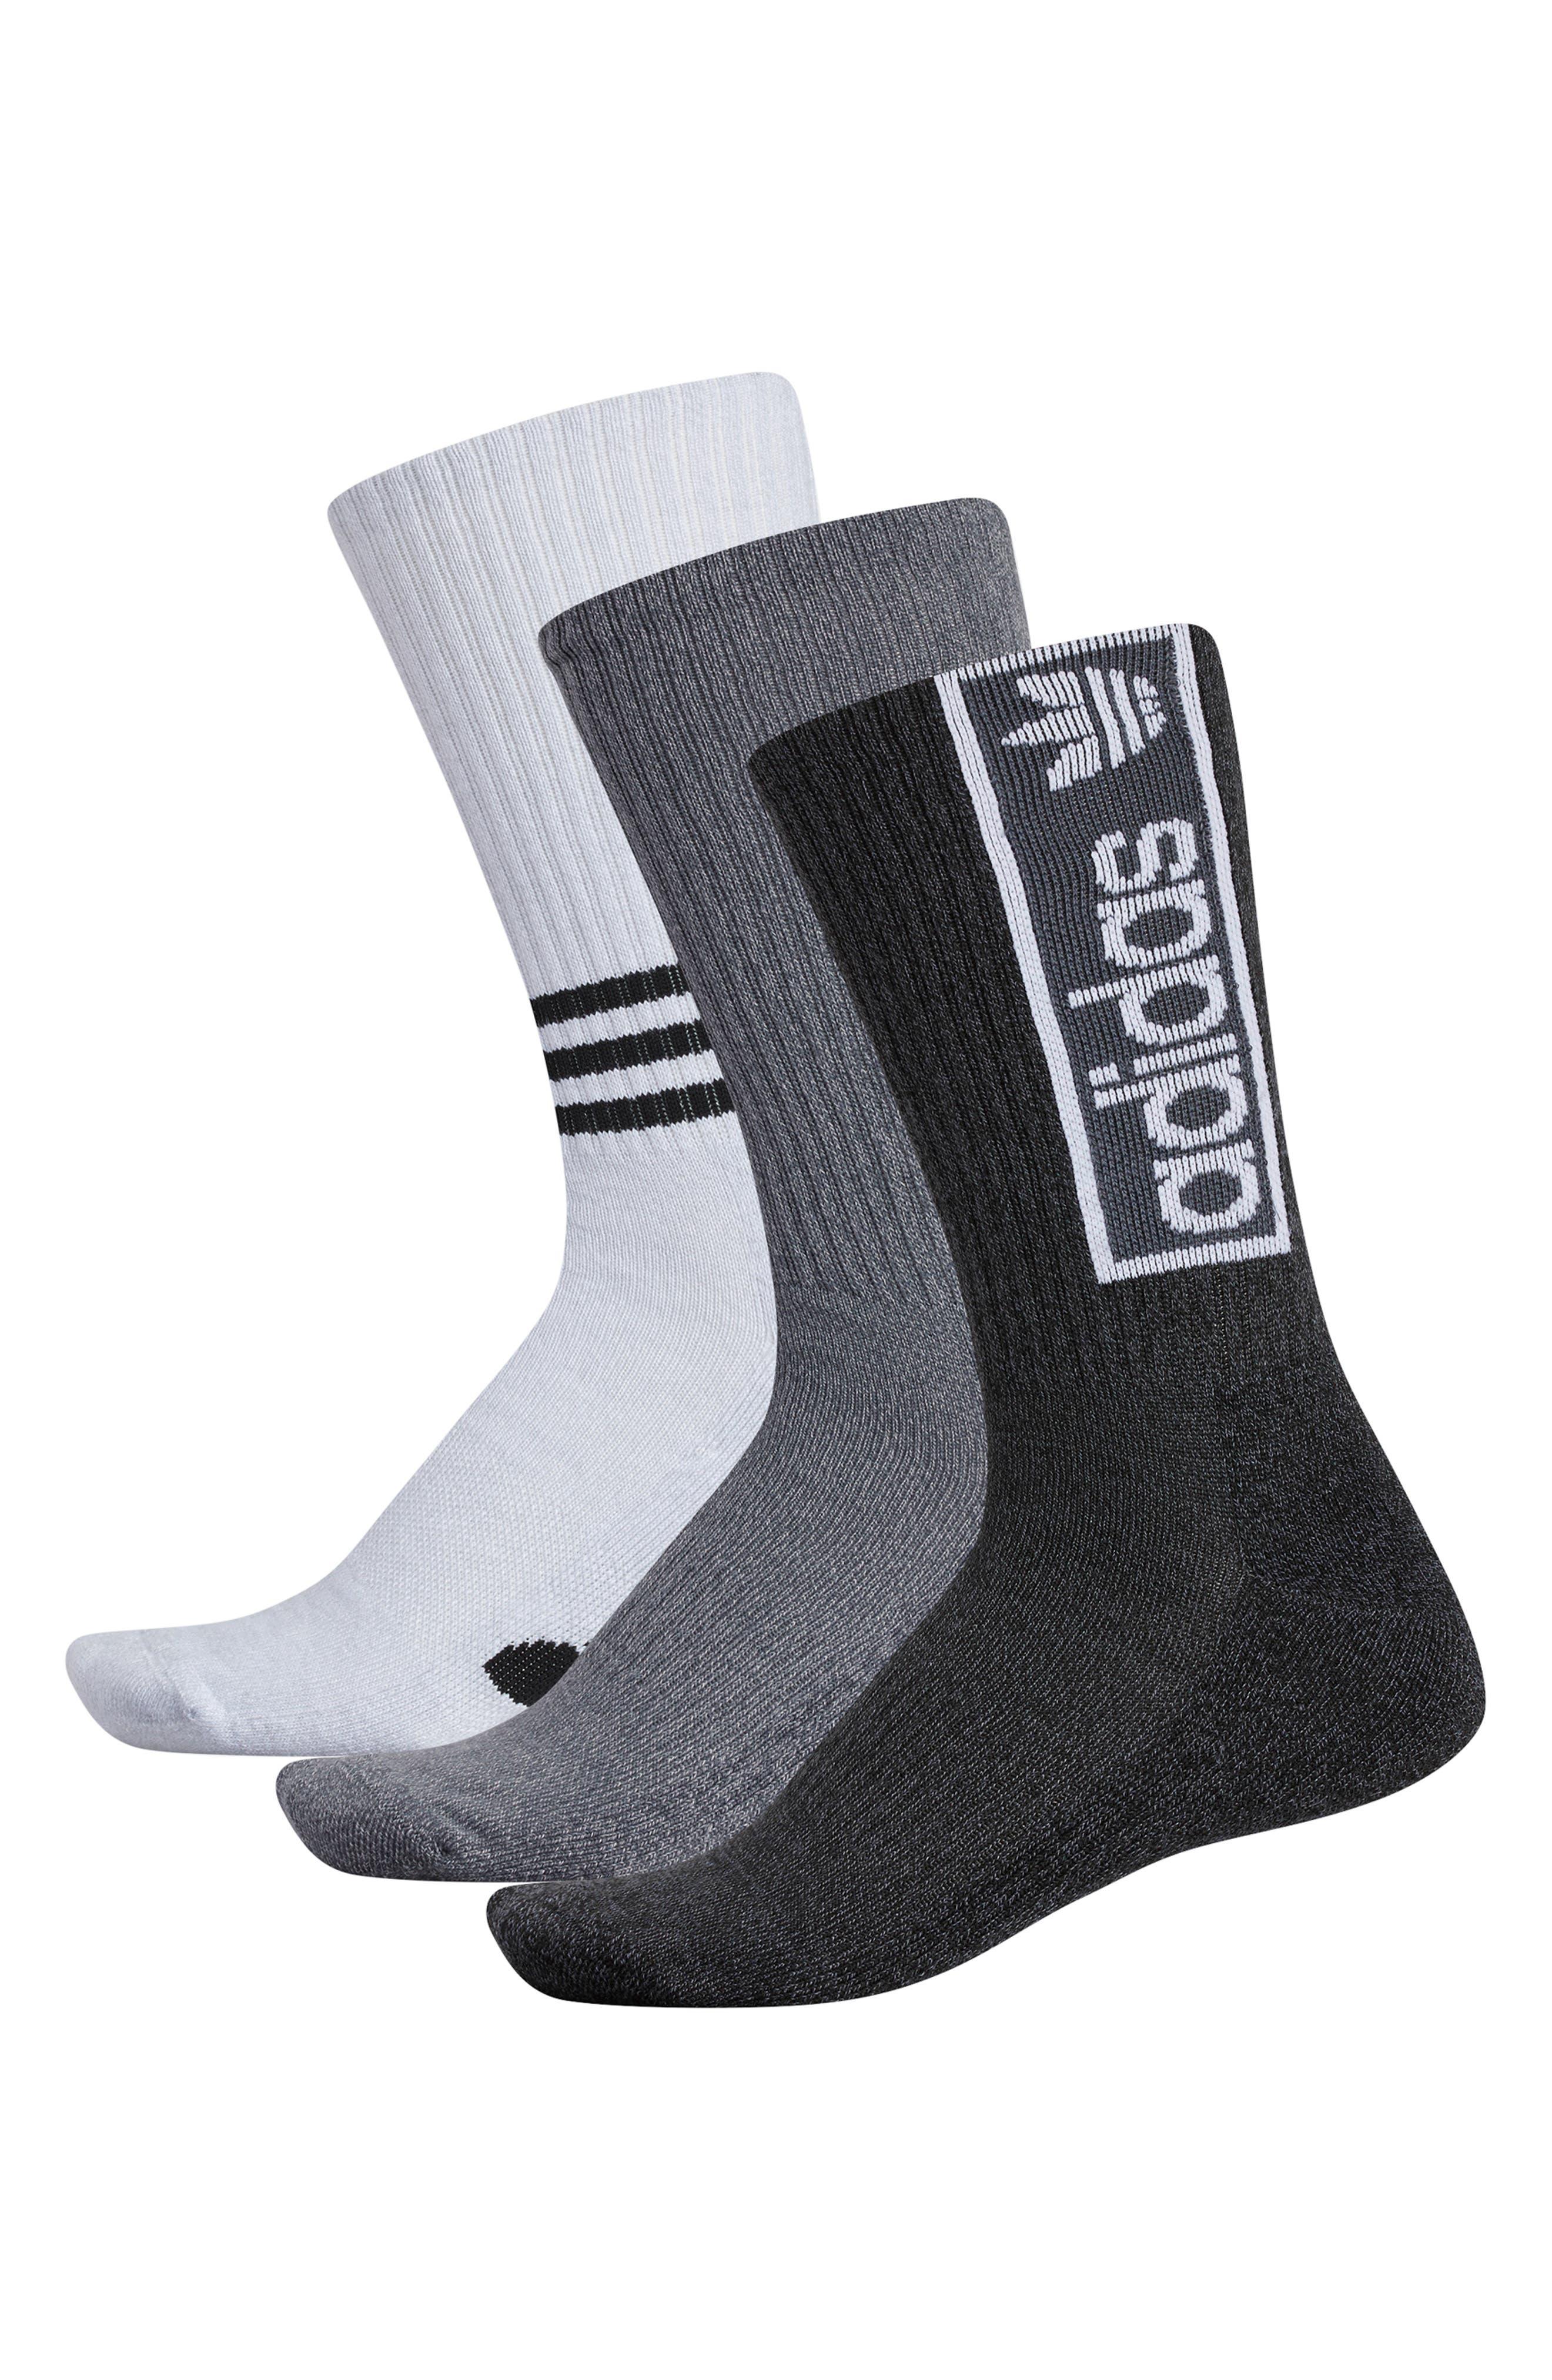 625f85cdce690c Men s Adidas Originals Socks